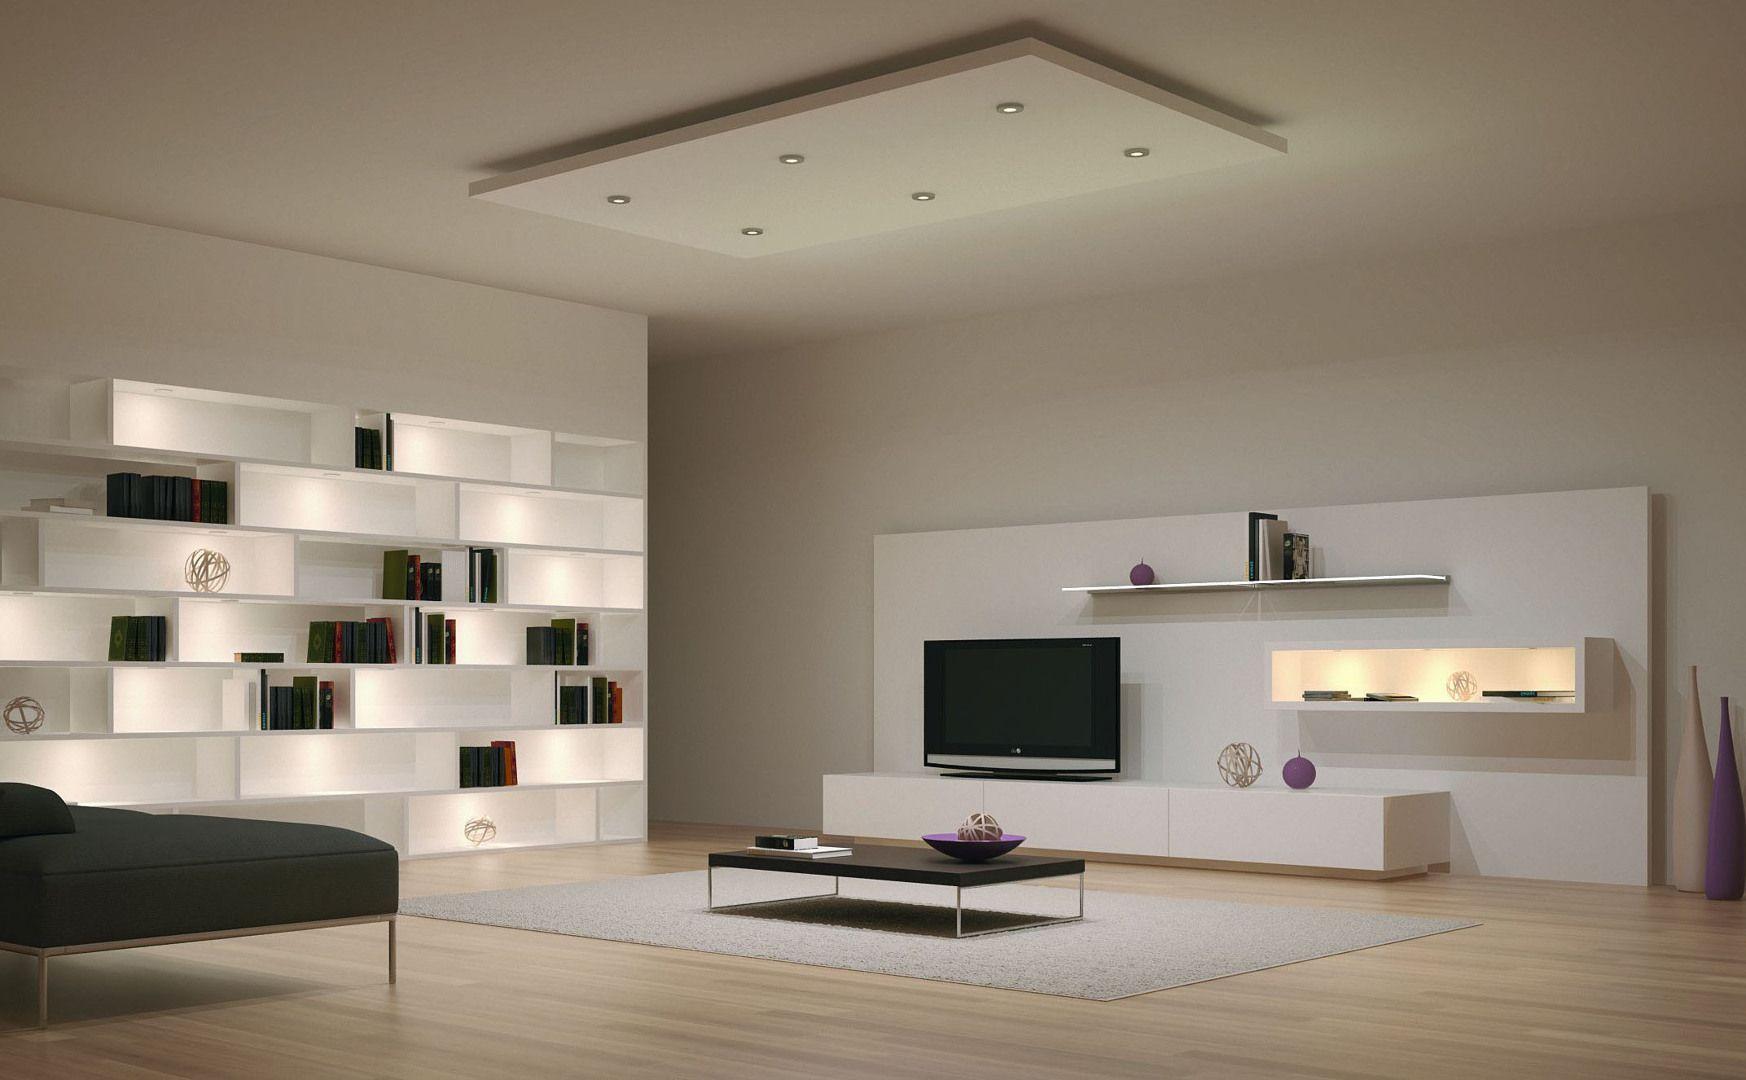 Illuminazione Per Soggiorno Moderno illuminazione a led per salotto | salotti minimalisti